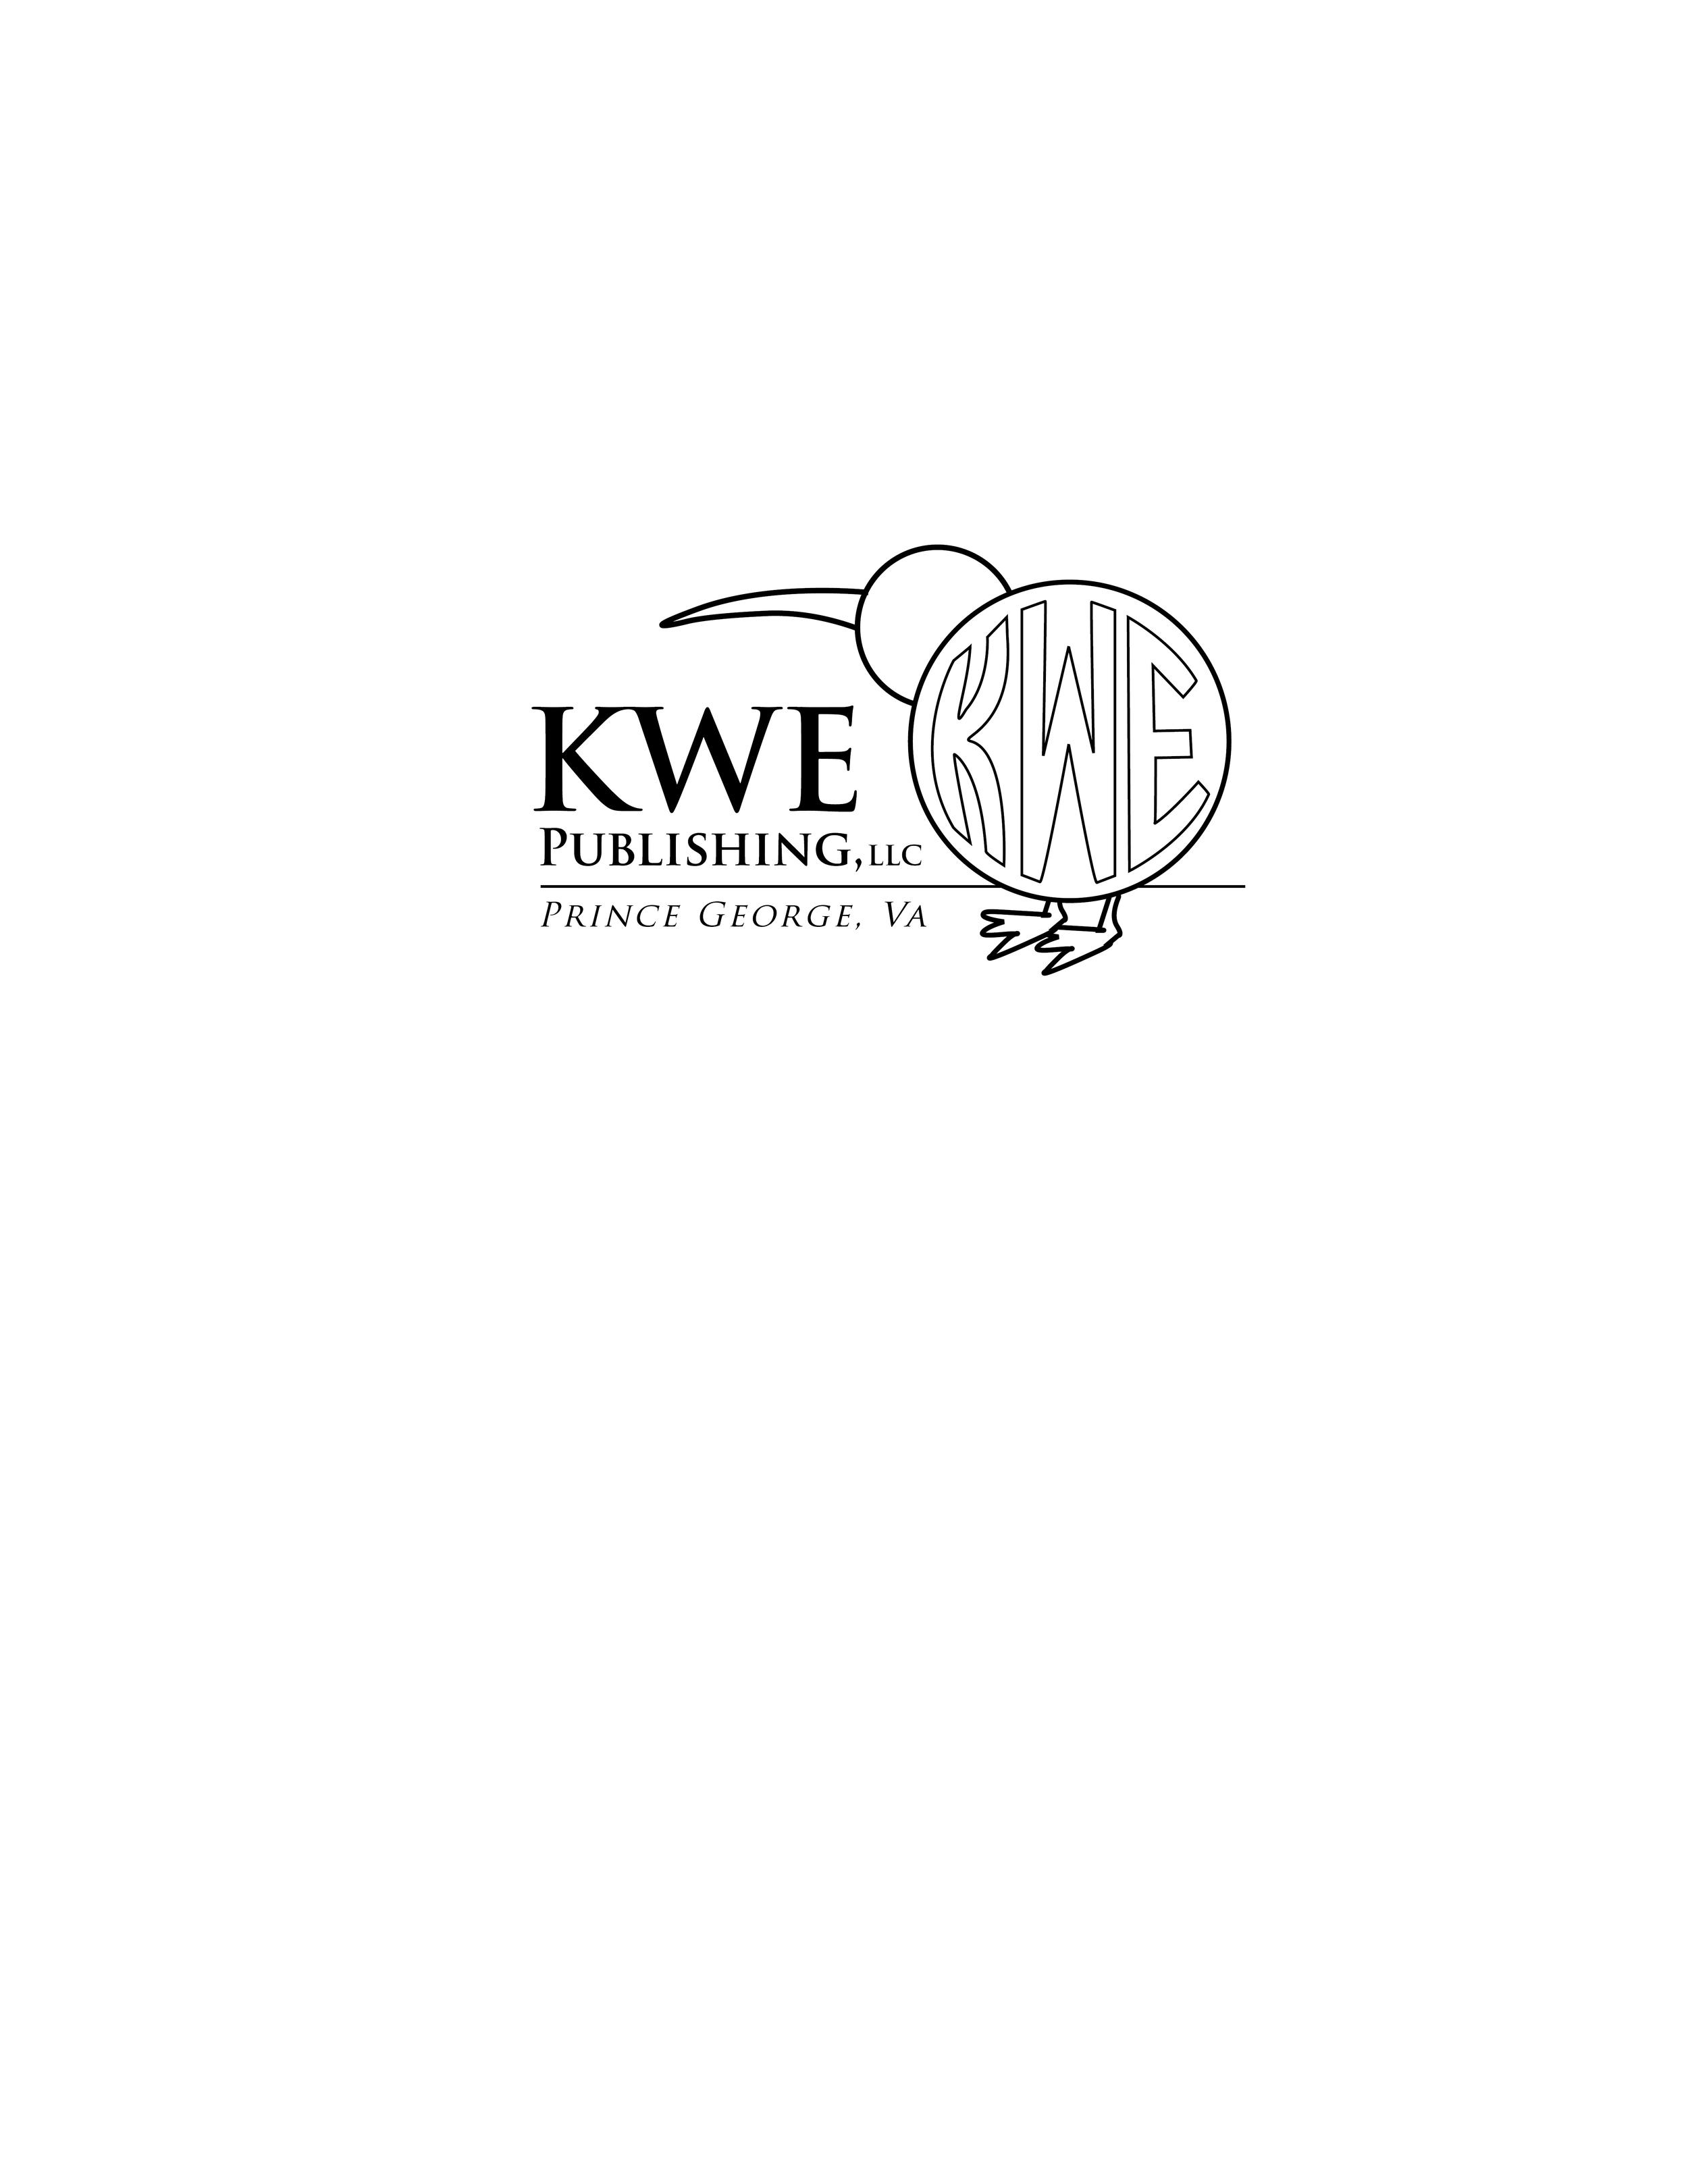 KWE Publishing Logo 600dpi.jpg